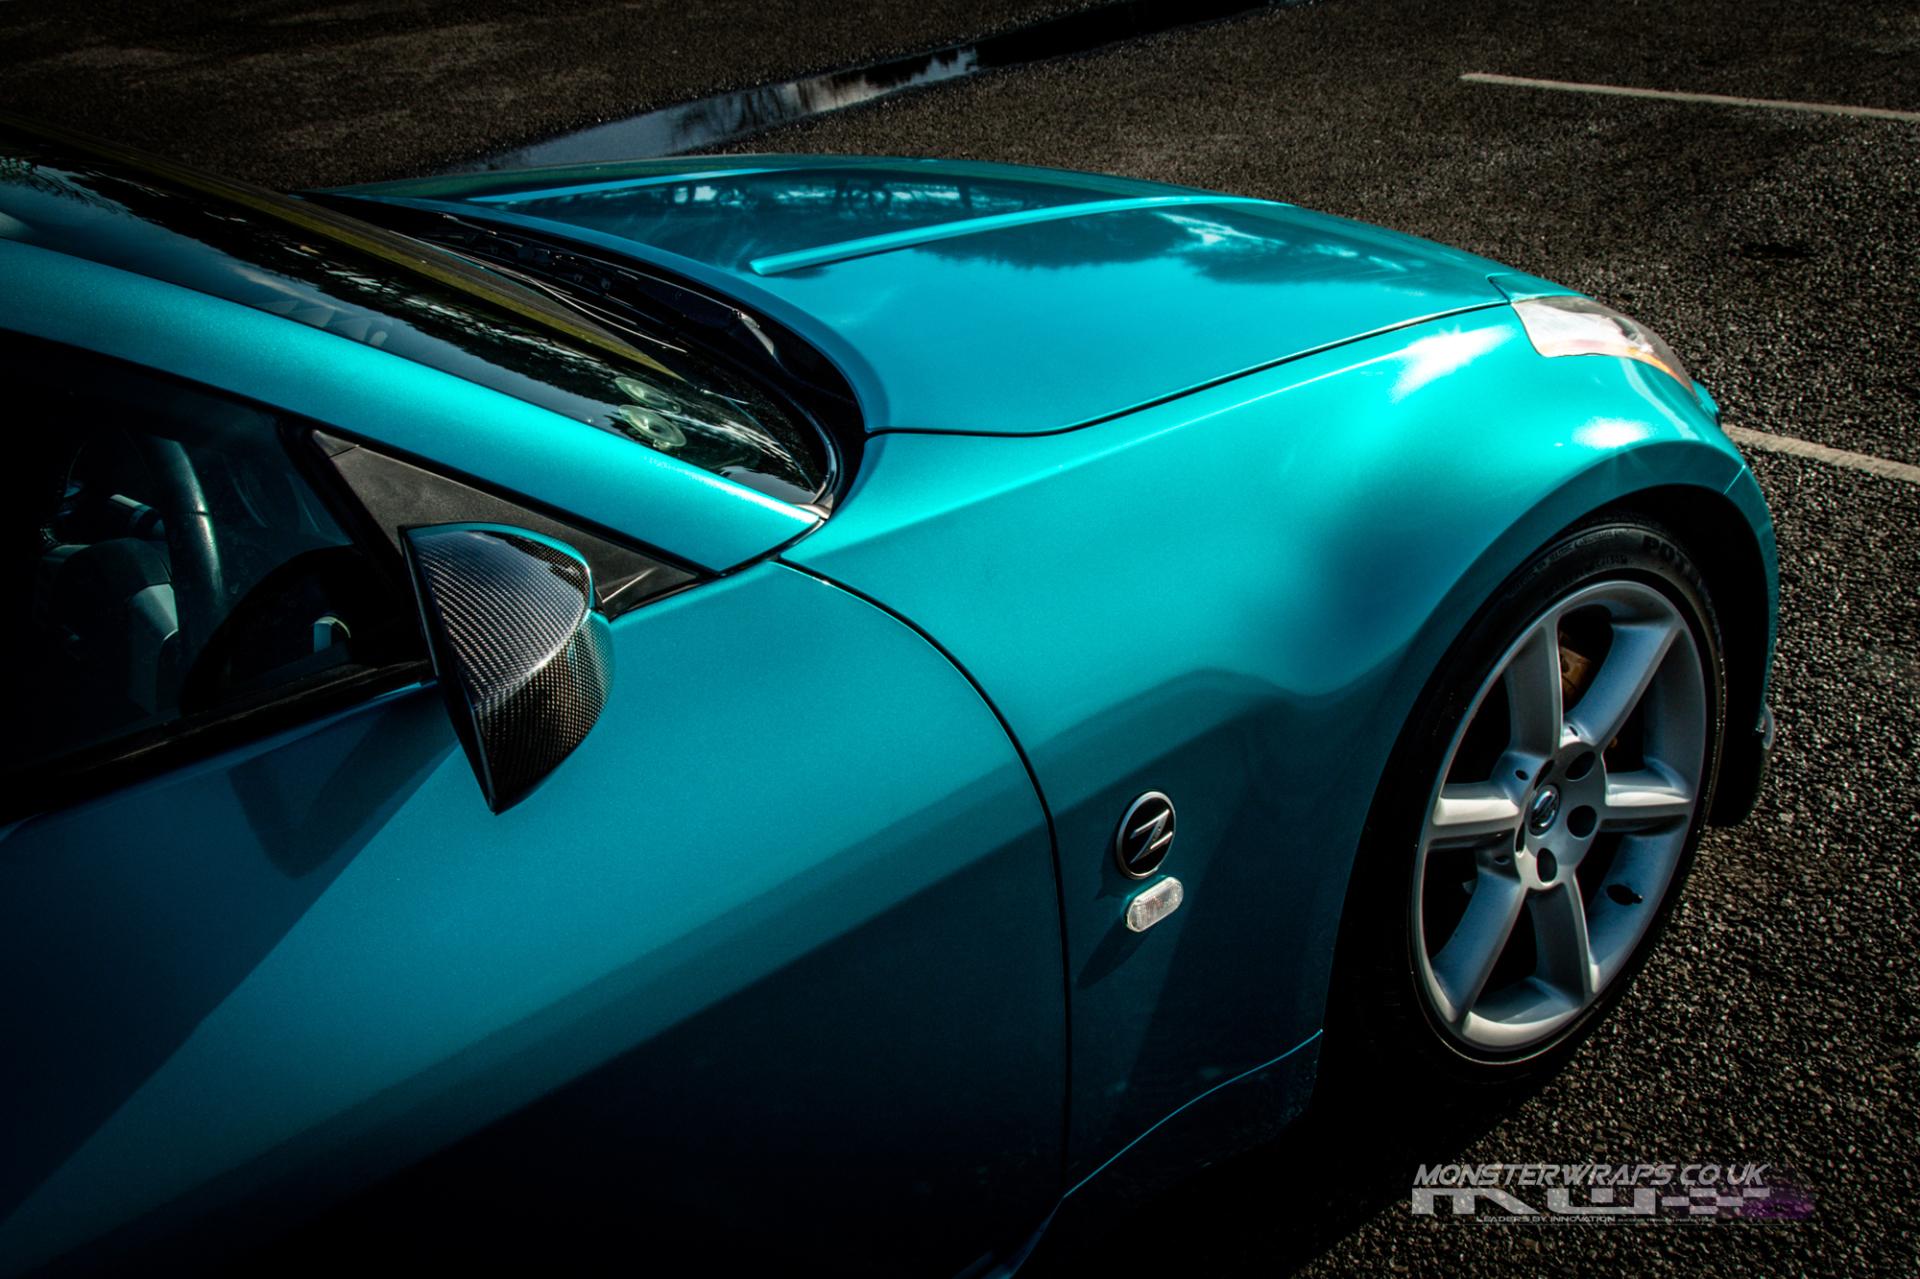 Nissan 350Z 3M Gloss Atomic Teal car wrap monsterwraps